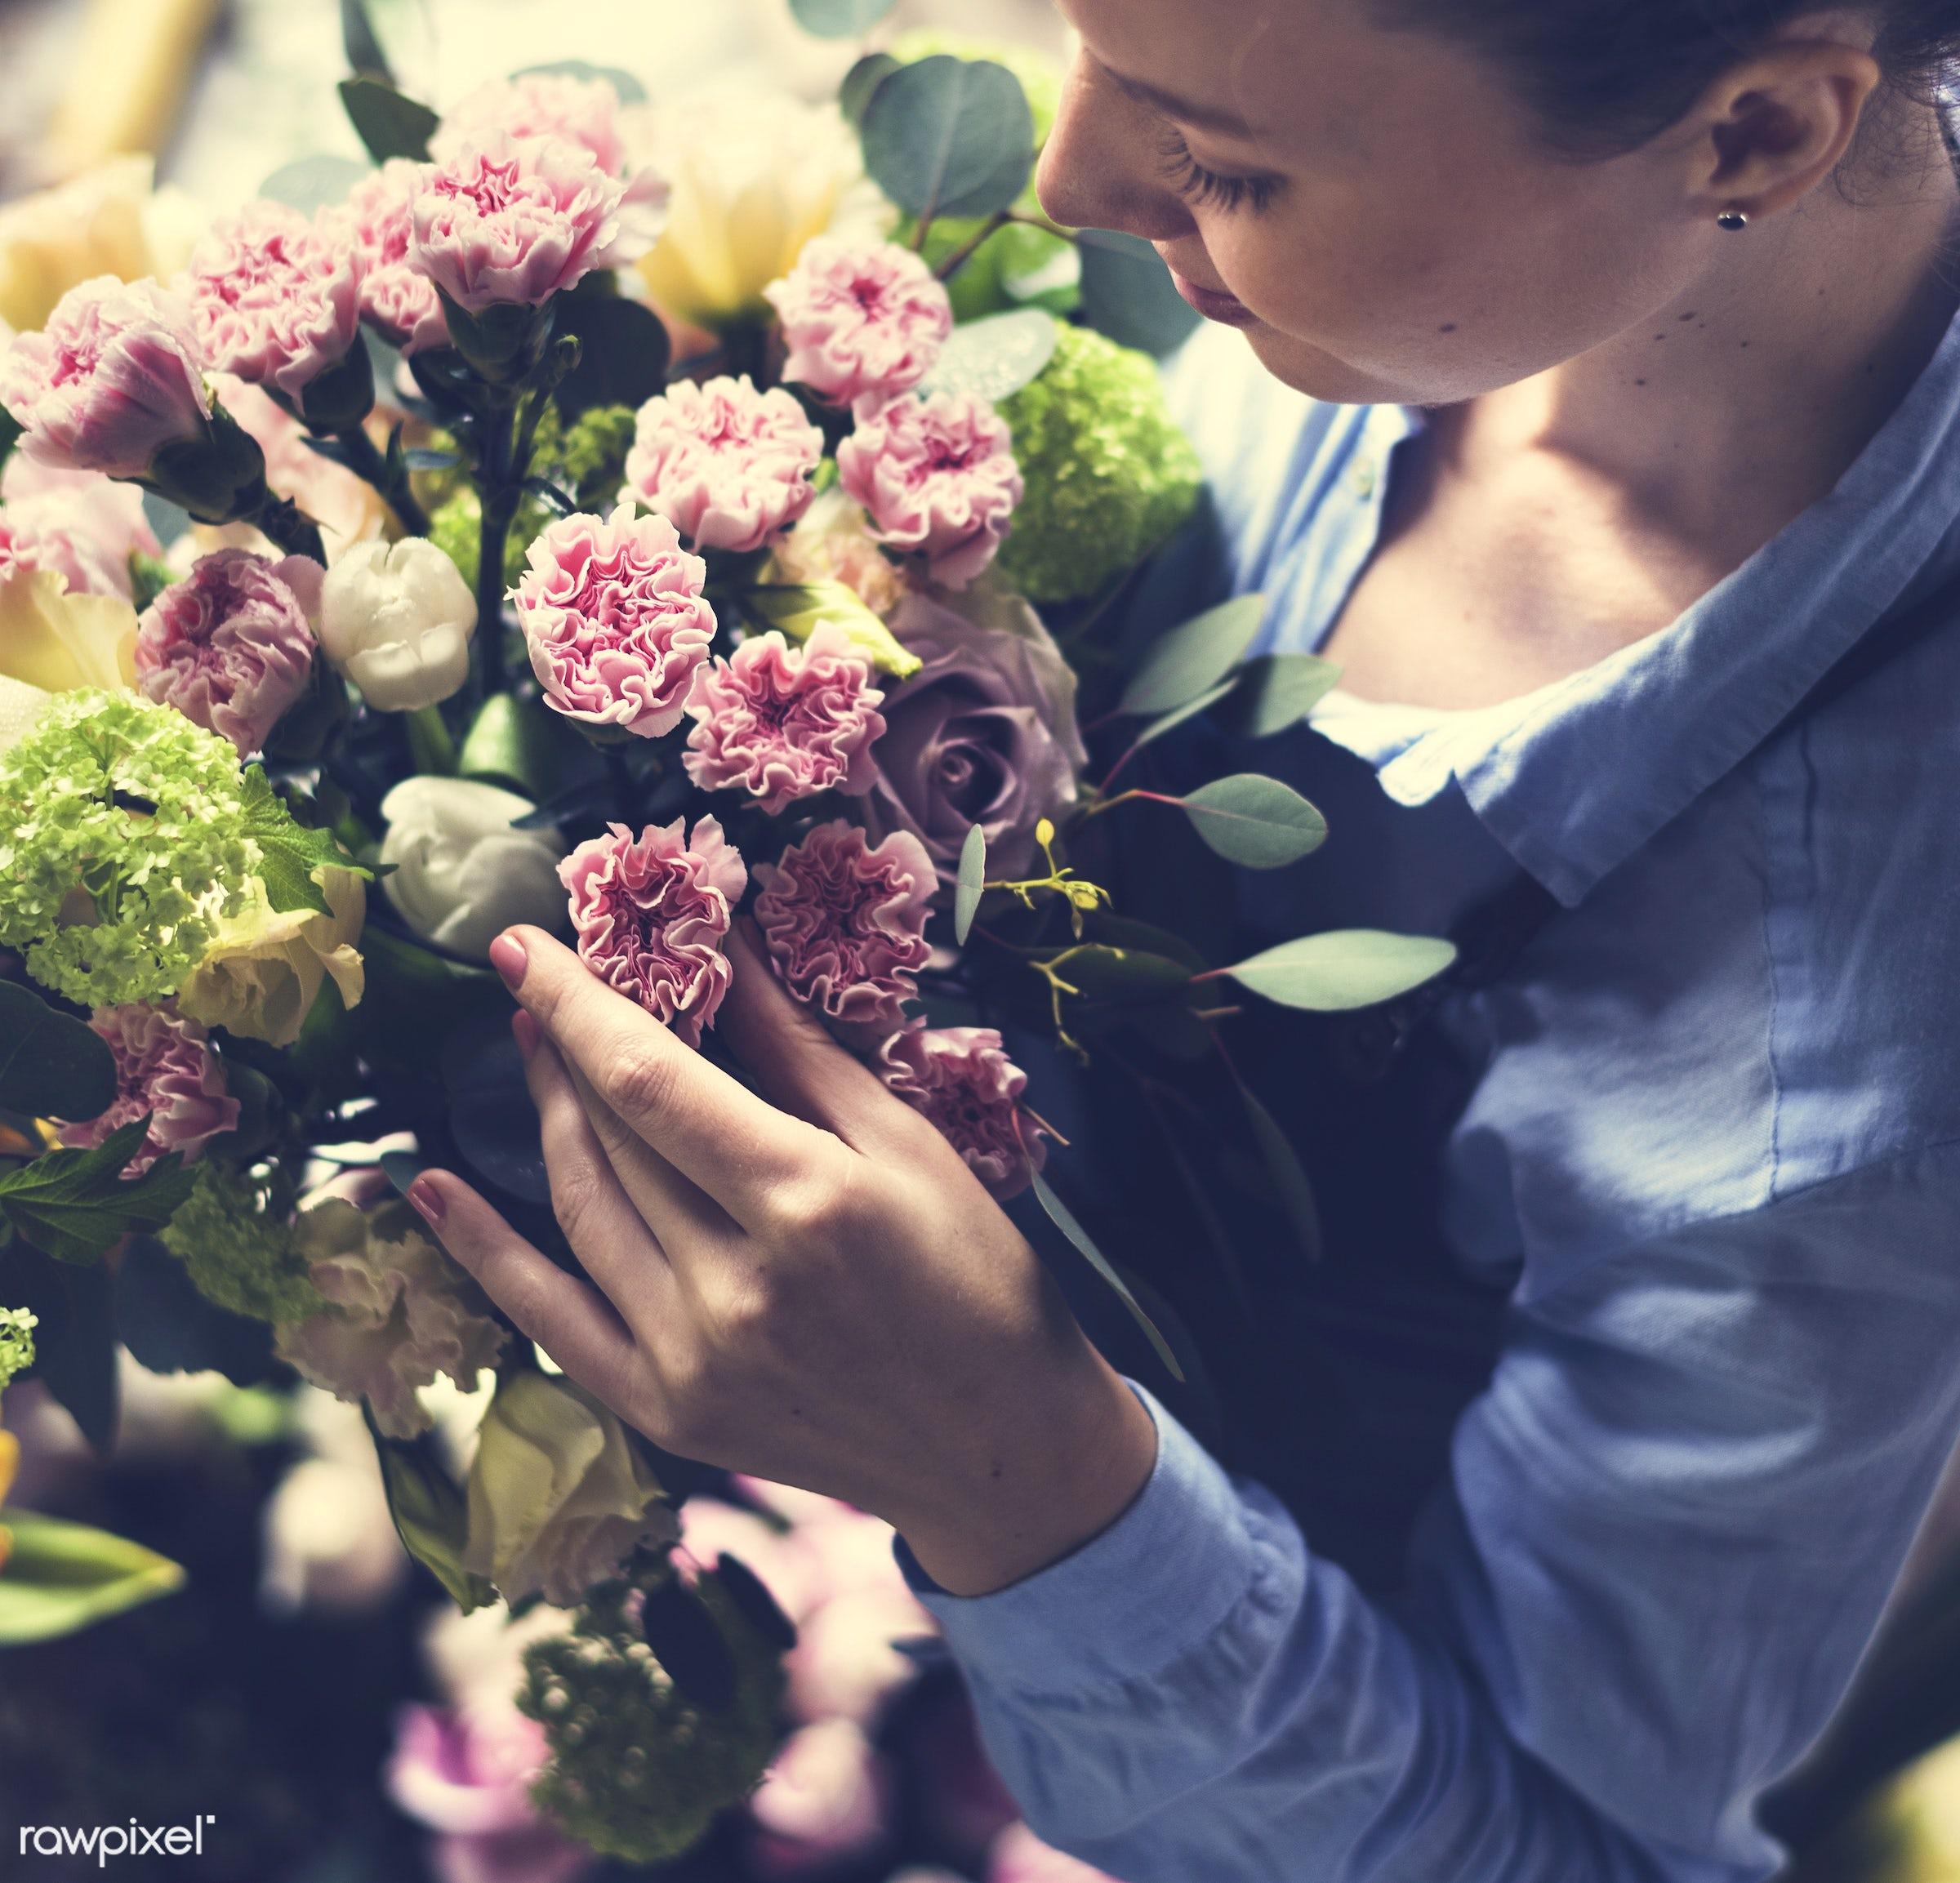 bouquet, shop, detail, person, hydrangea, people, decor, nature, woman, flowers, work, refreshment, carnation, florist,...